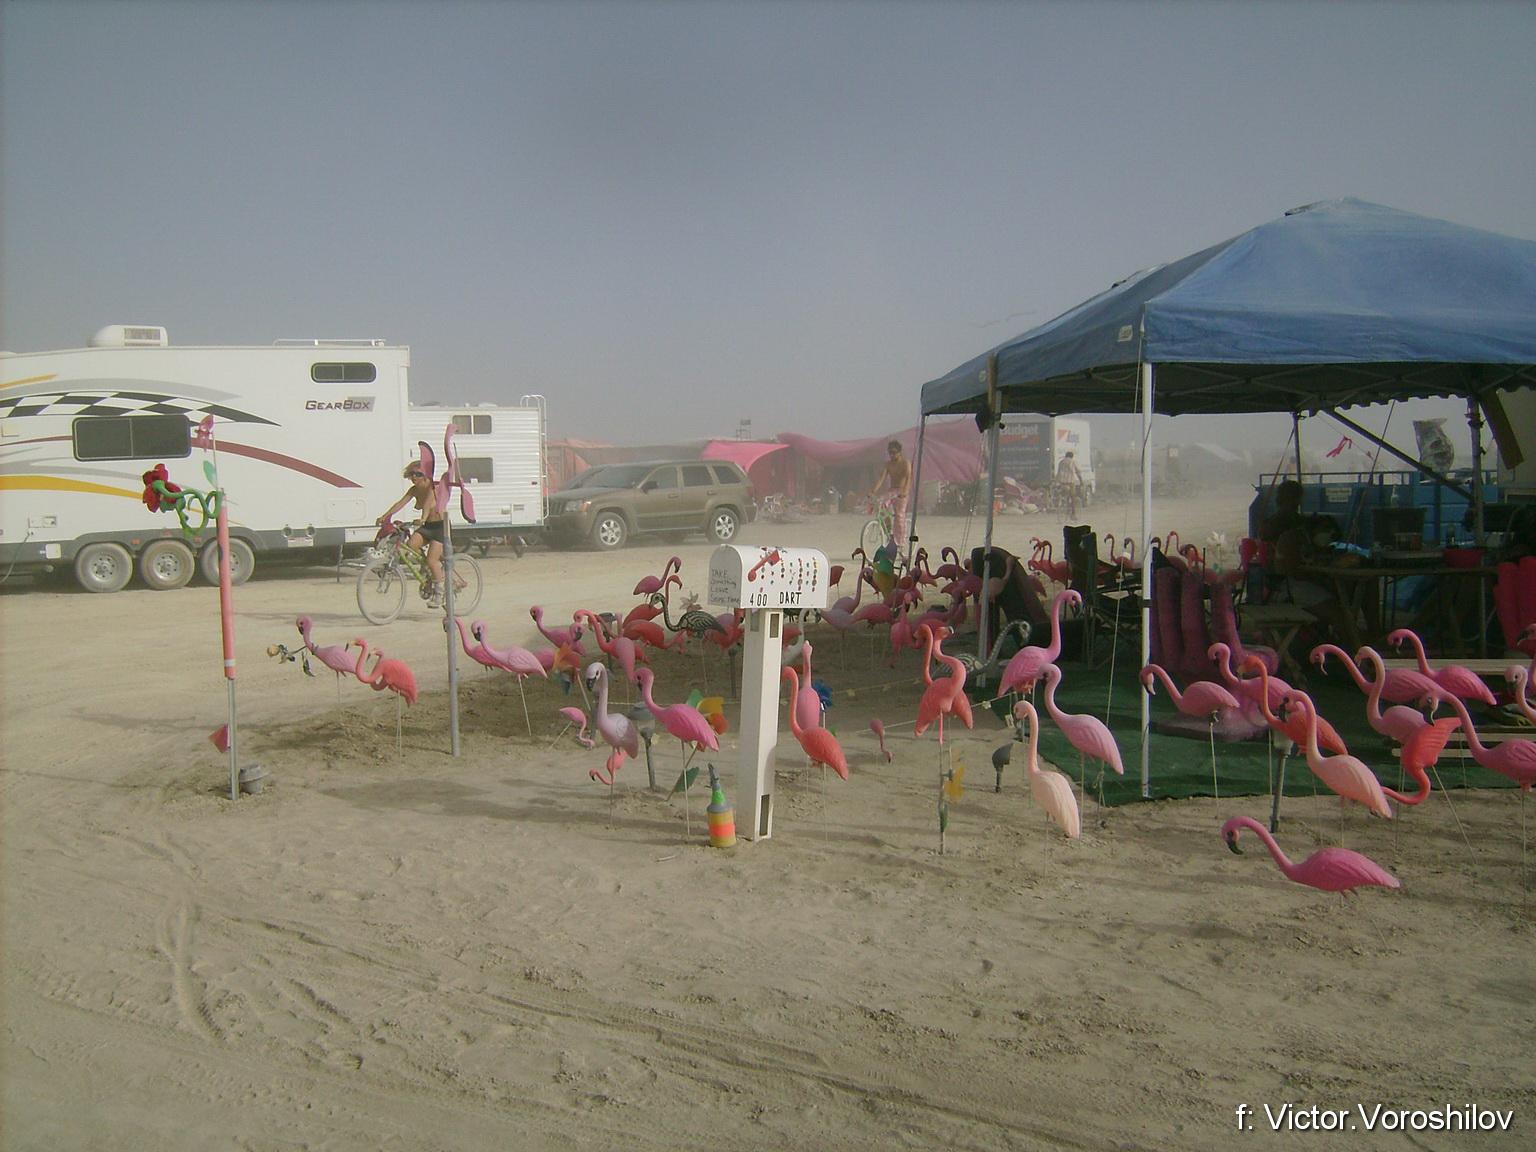 Burning Man - 2008 (Бернинг Мен - 2008)